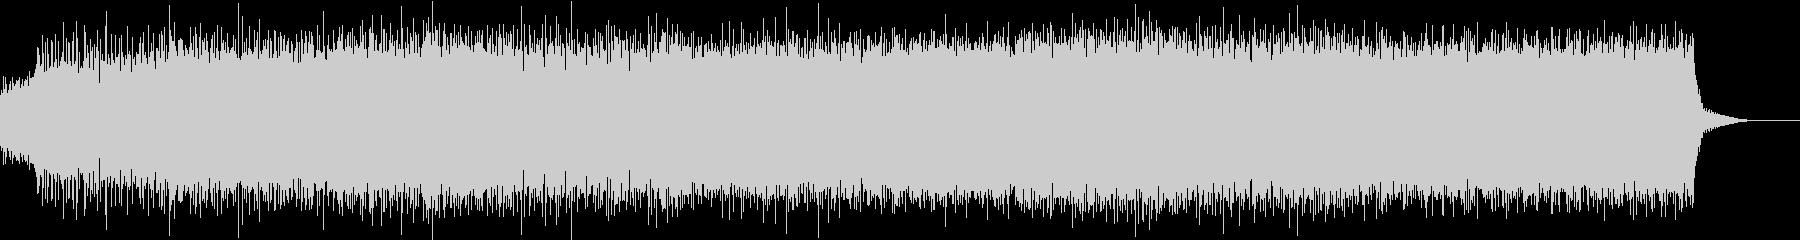 ピコピコ系のインダストリアルロックの未再生の波形